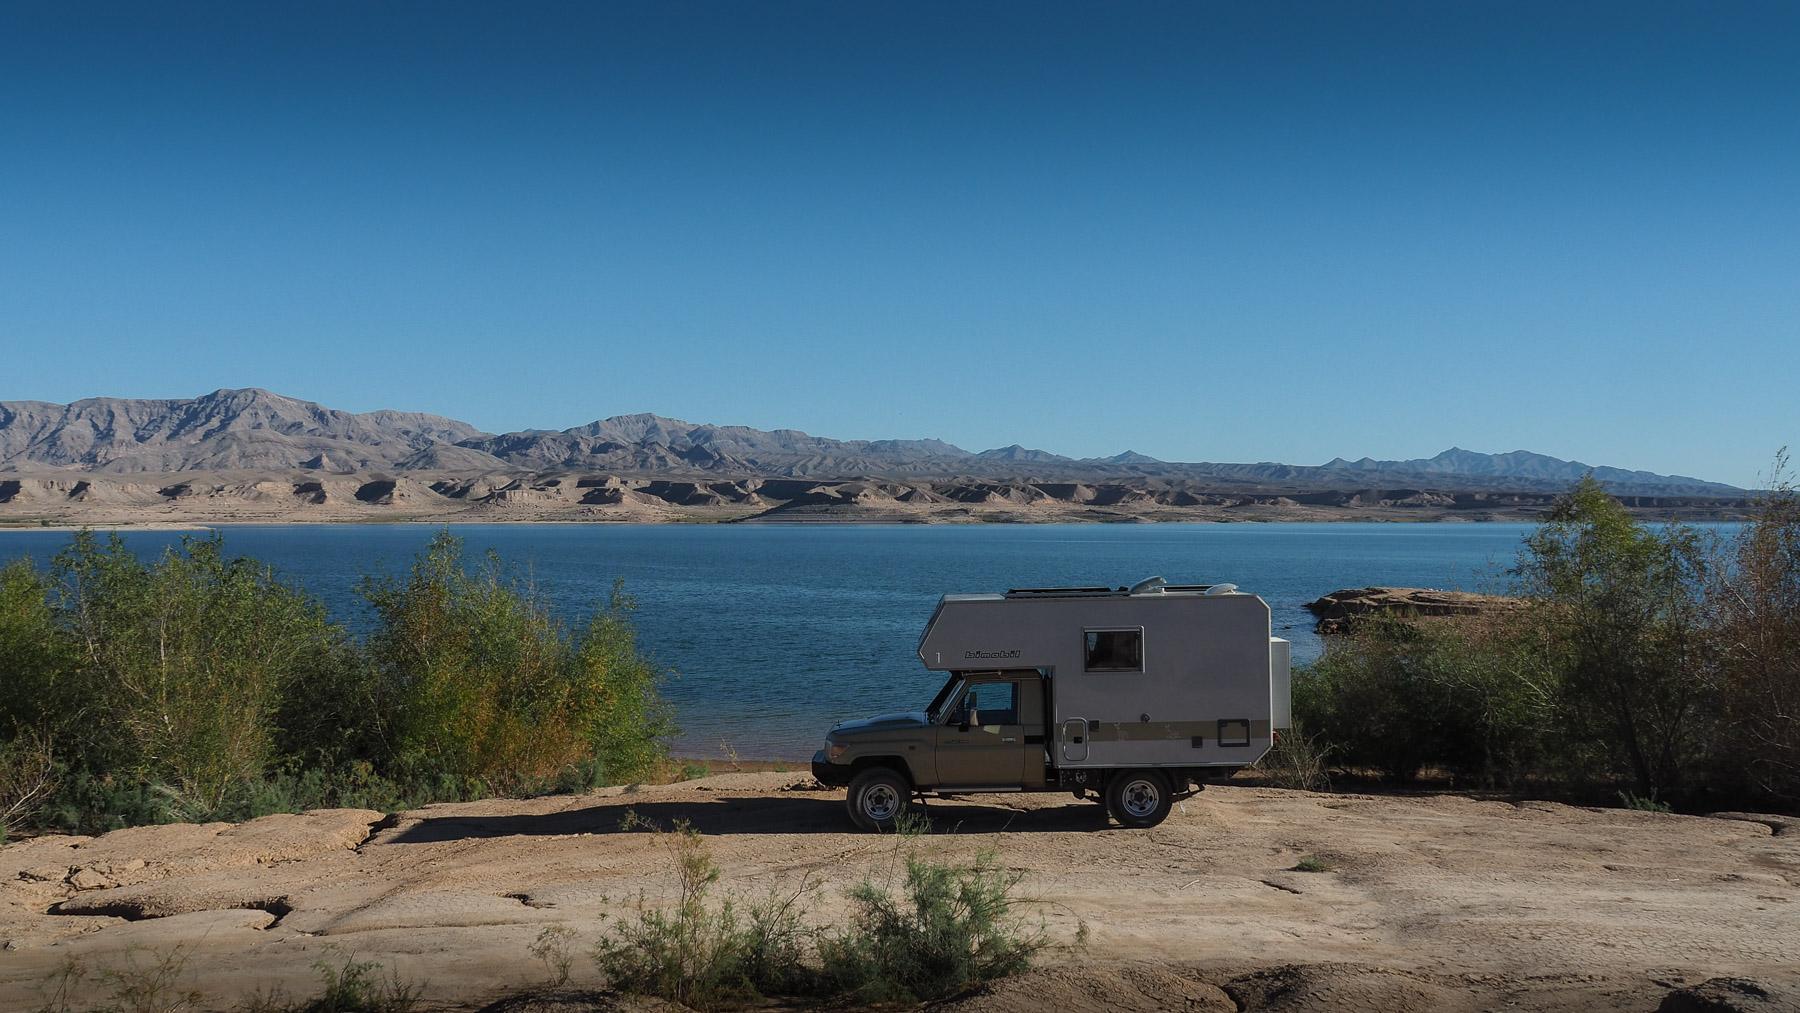 Schöner einsamer Platz direkt am Lake Mead